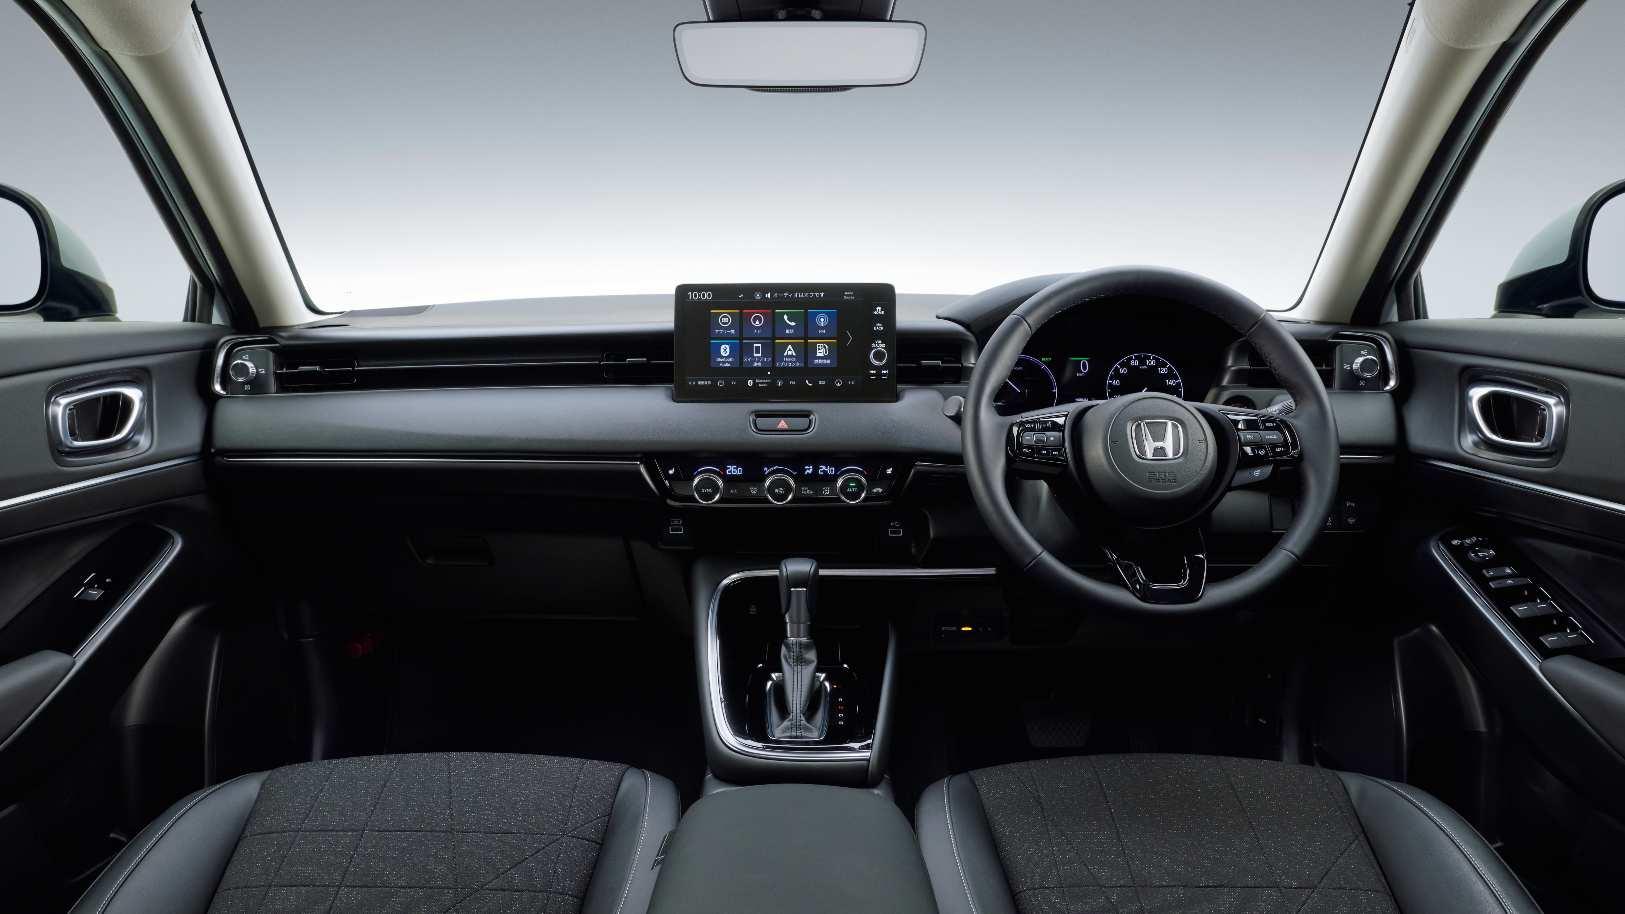 Layar sentuh mengambang 8,0 inci menjadi pusat perhatian pada dasbor Honda HR-V baru. Gambar: Honda